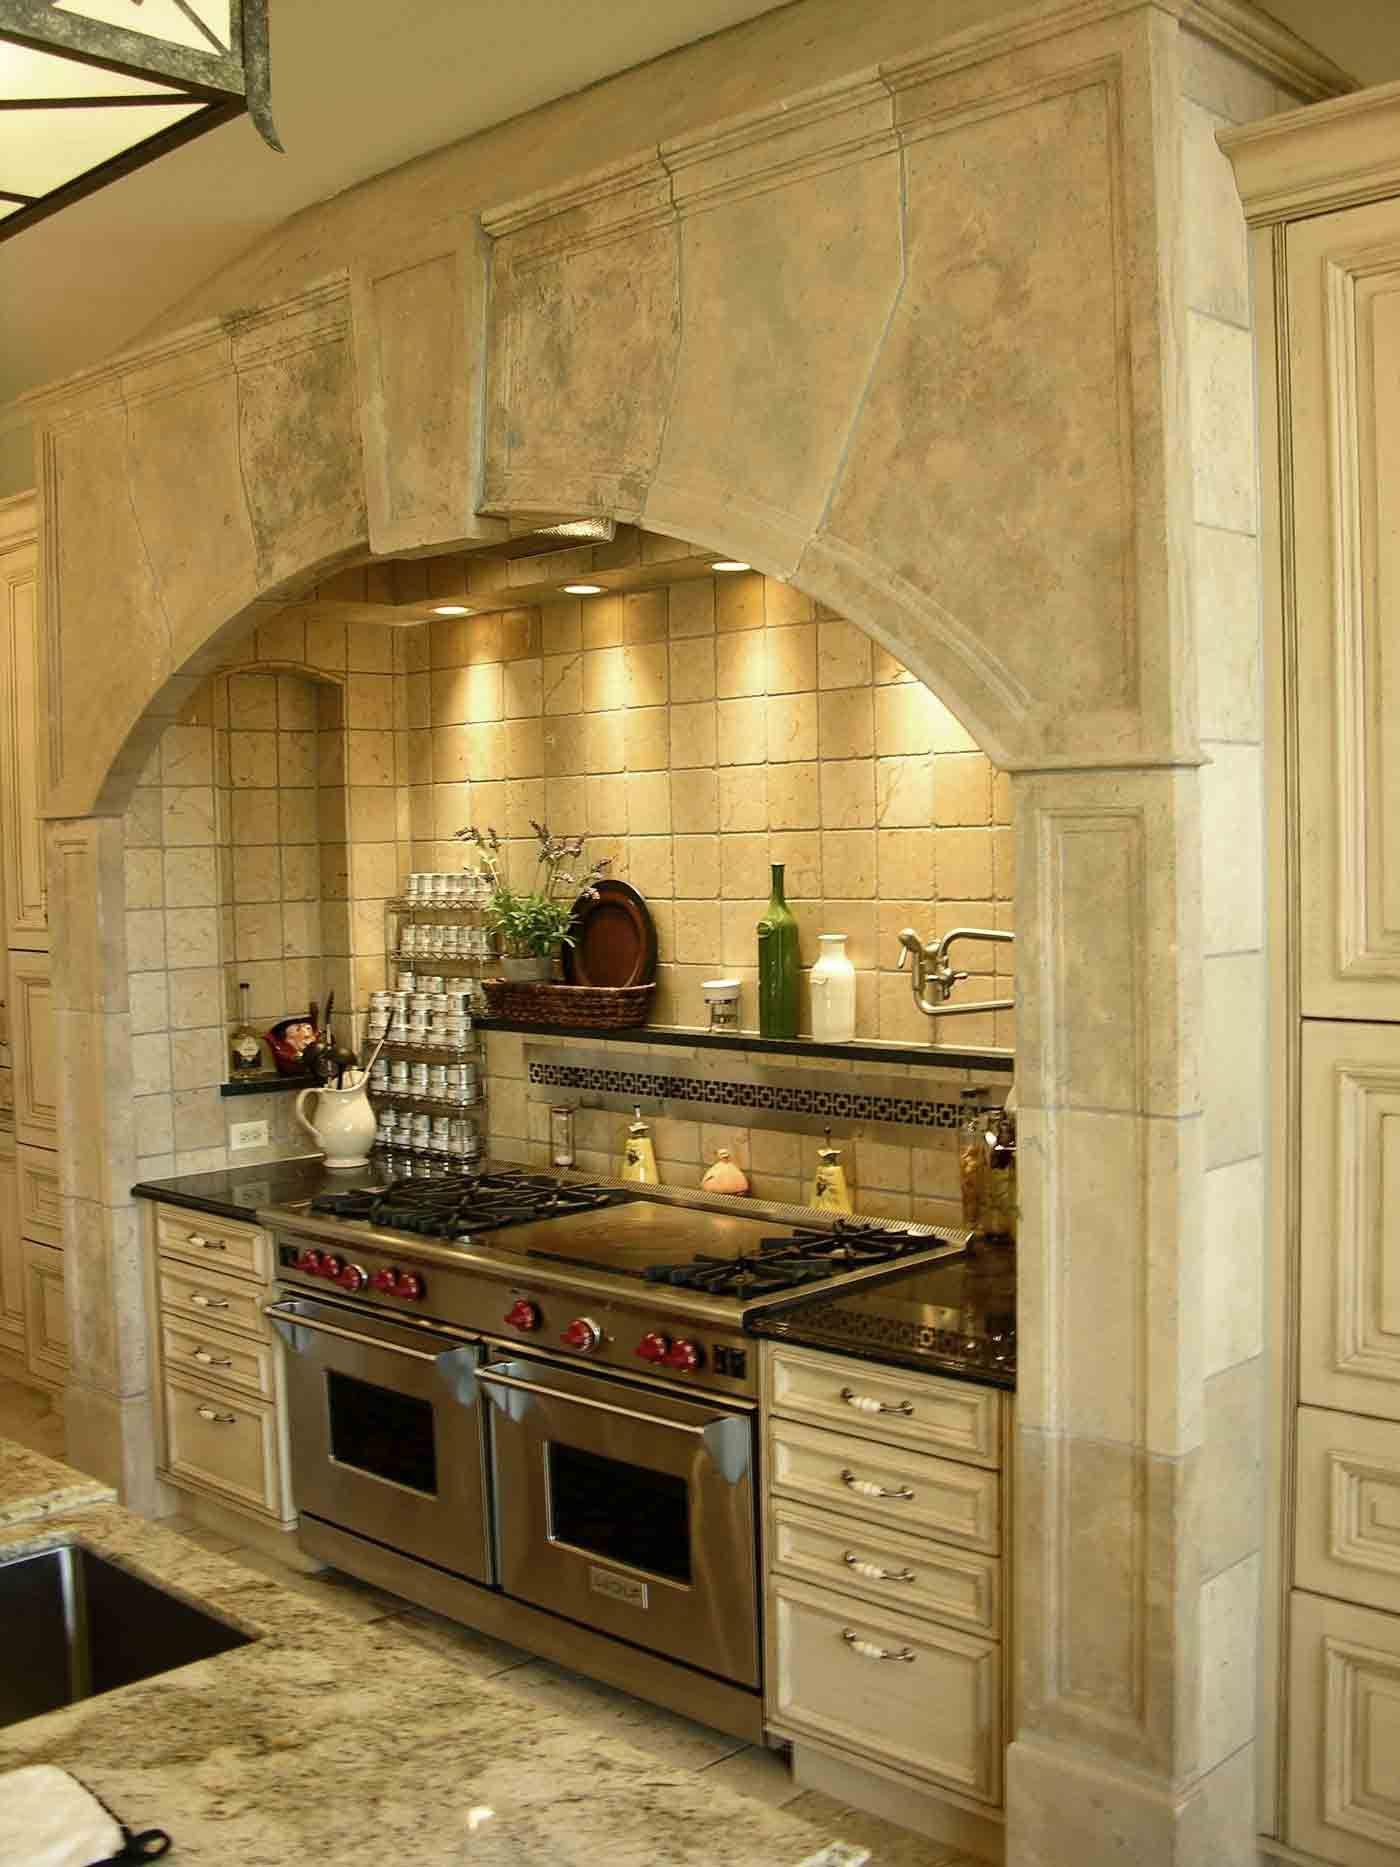 Best Kitchen Gallery: Architectural Stone Best Kitchen Range Hoods Gallery Materials of Stone Kitchen Hoods on rachelxblog.com